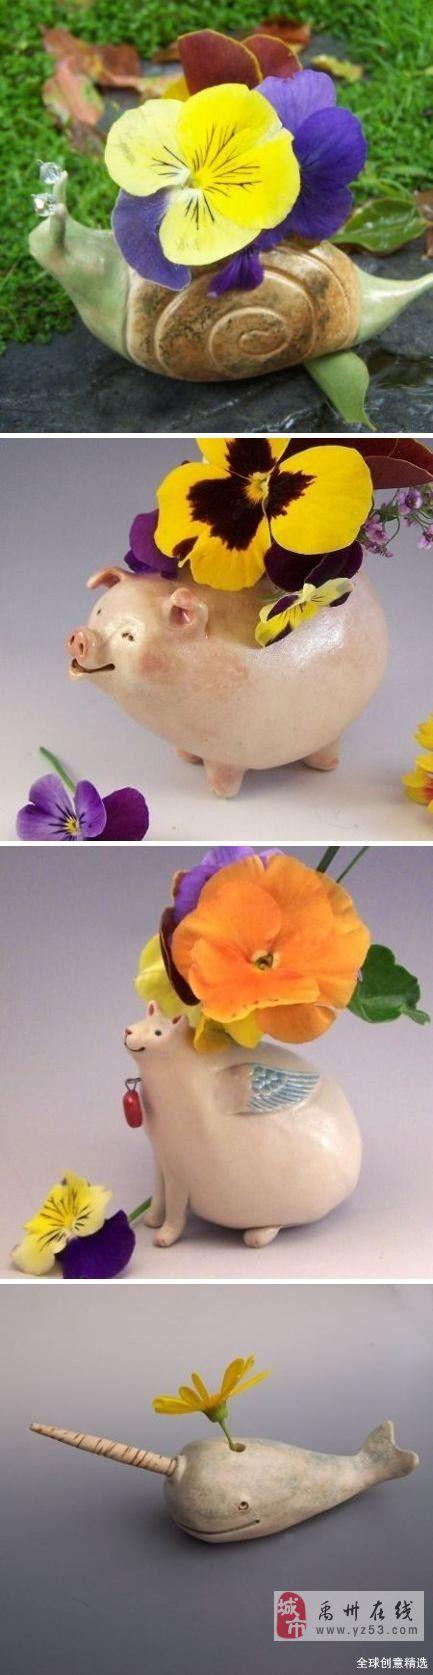 可爱的动物造型花瓶